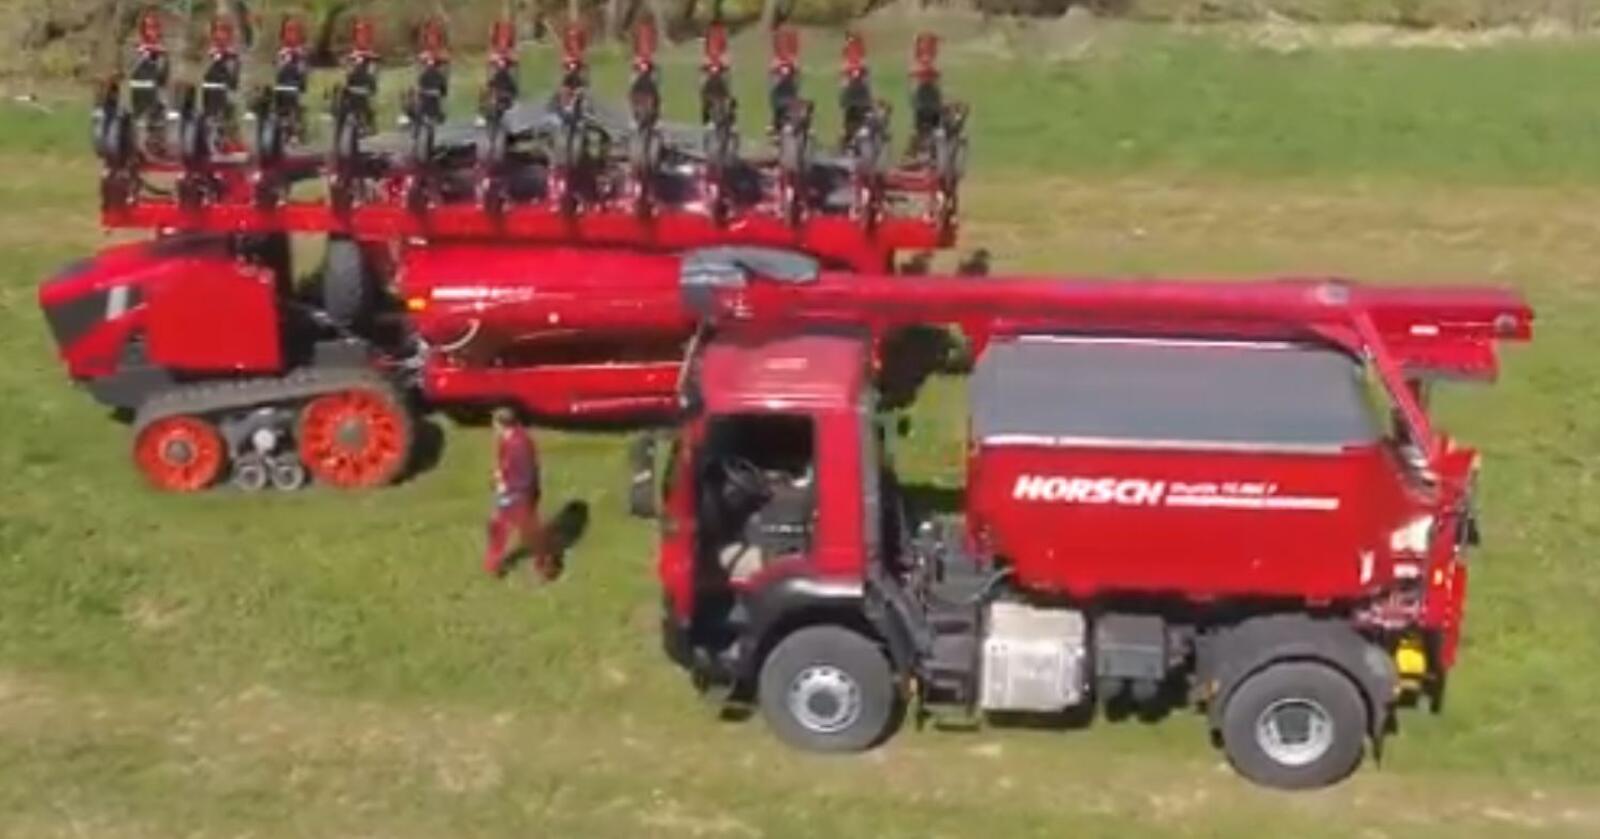 Stor: På videoklippet får vi et inntrykk av størrelsen ved å sammenligne med operatøren og lastebilen. Maskina har 24 såaggregater. Skjermdump fra Horsch